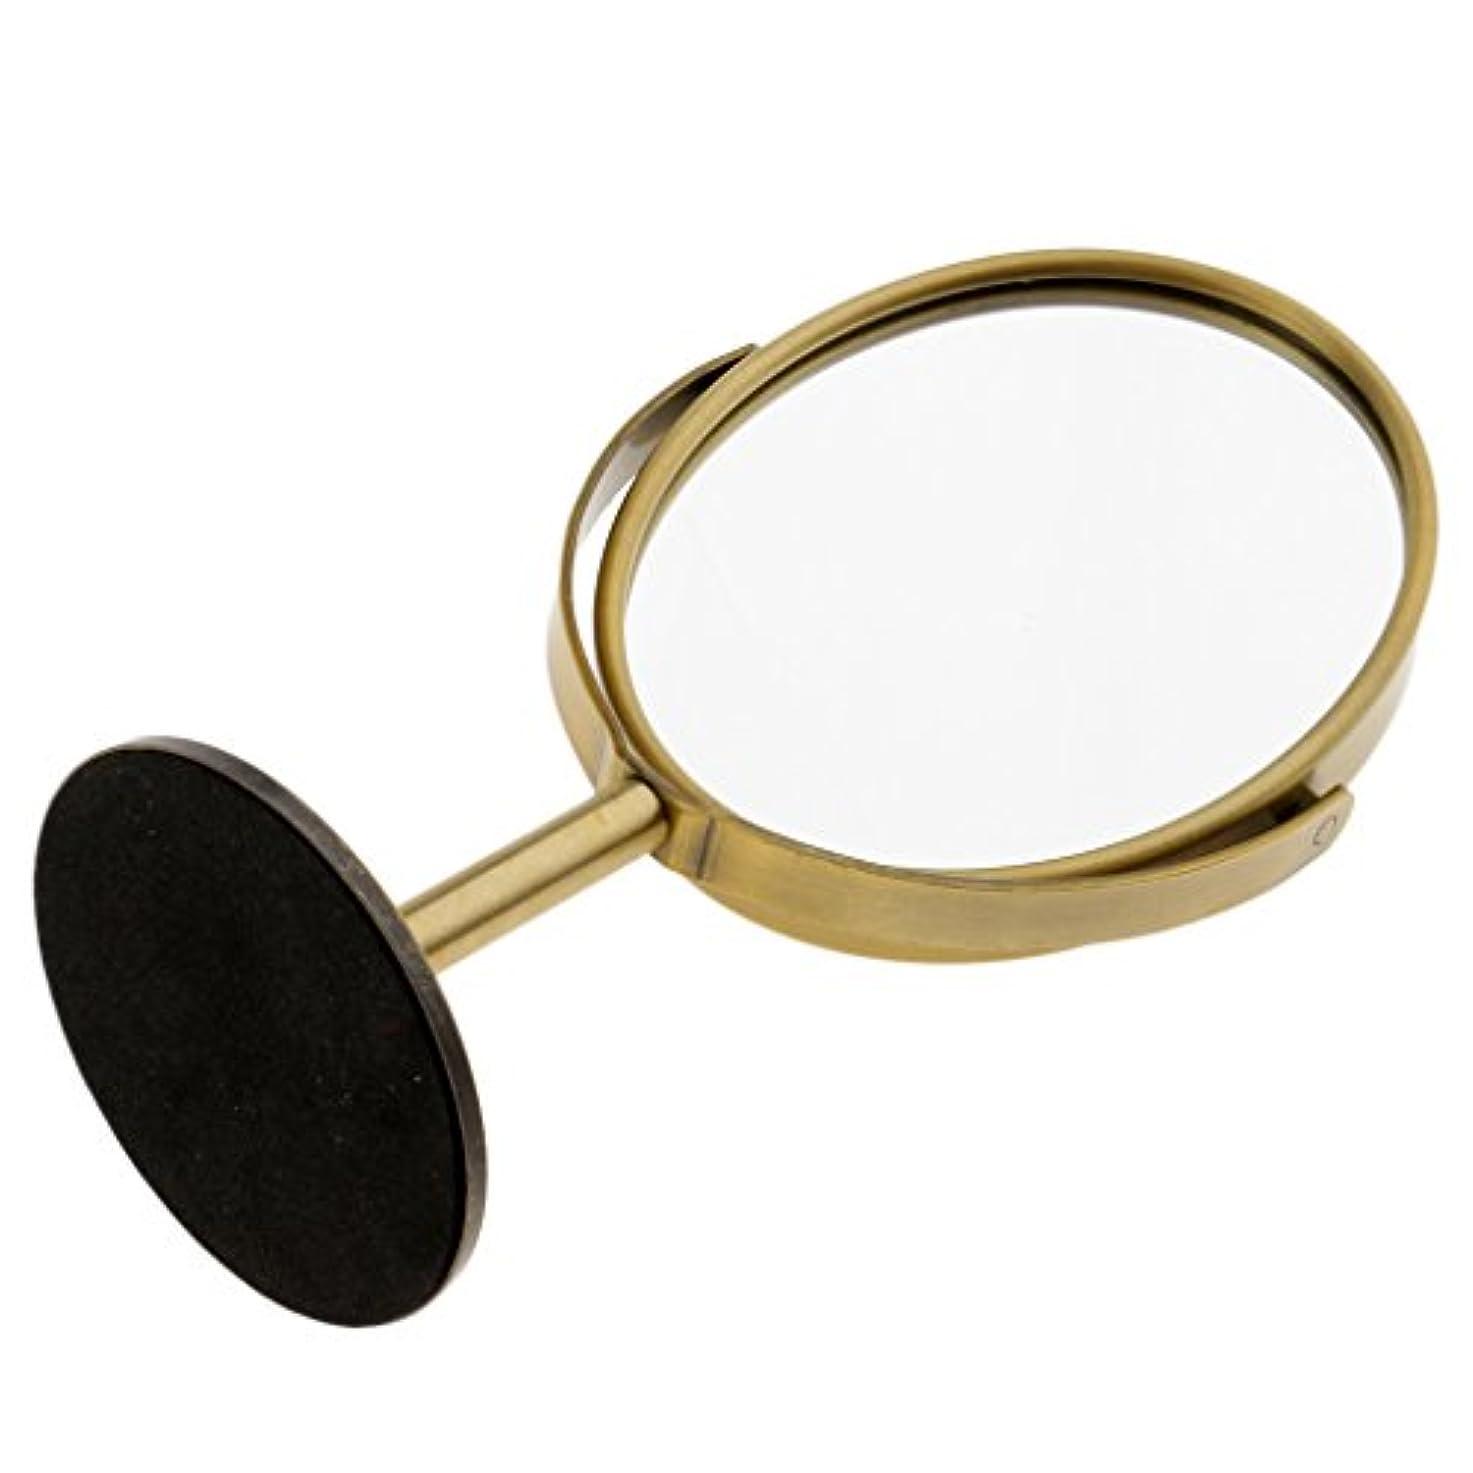 詩サークルDYNWAVE 化粧鏡 メイクミラー 拡大鏡 卓上ミラー スタンド メイク メイクアップ 2色選べる - ブロンズ